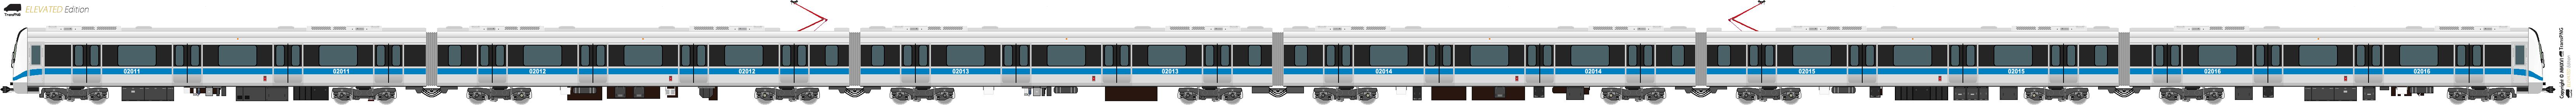 [5335] 大連地鉄 5335